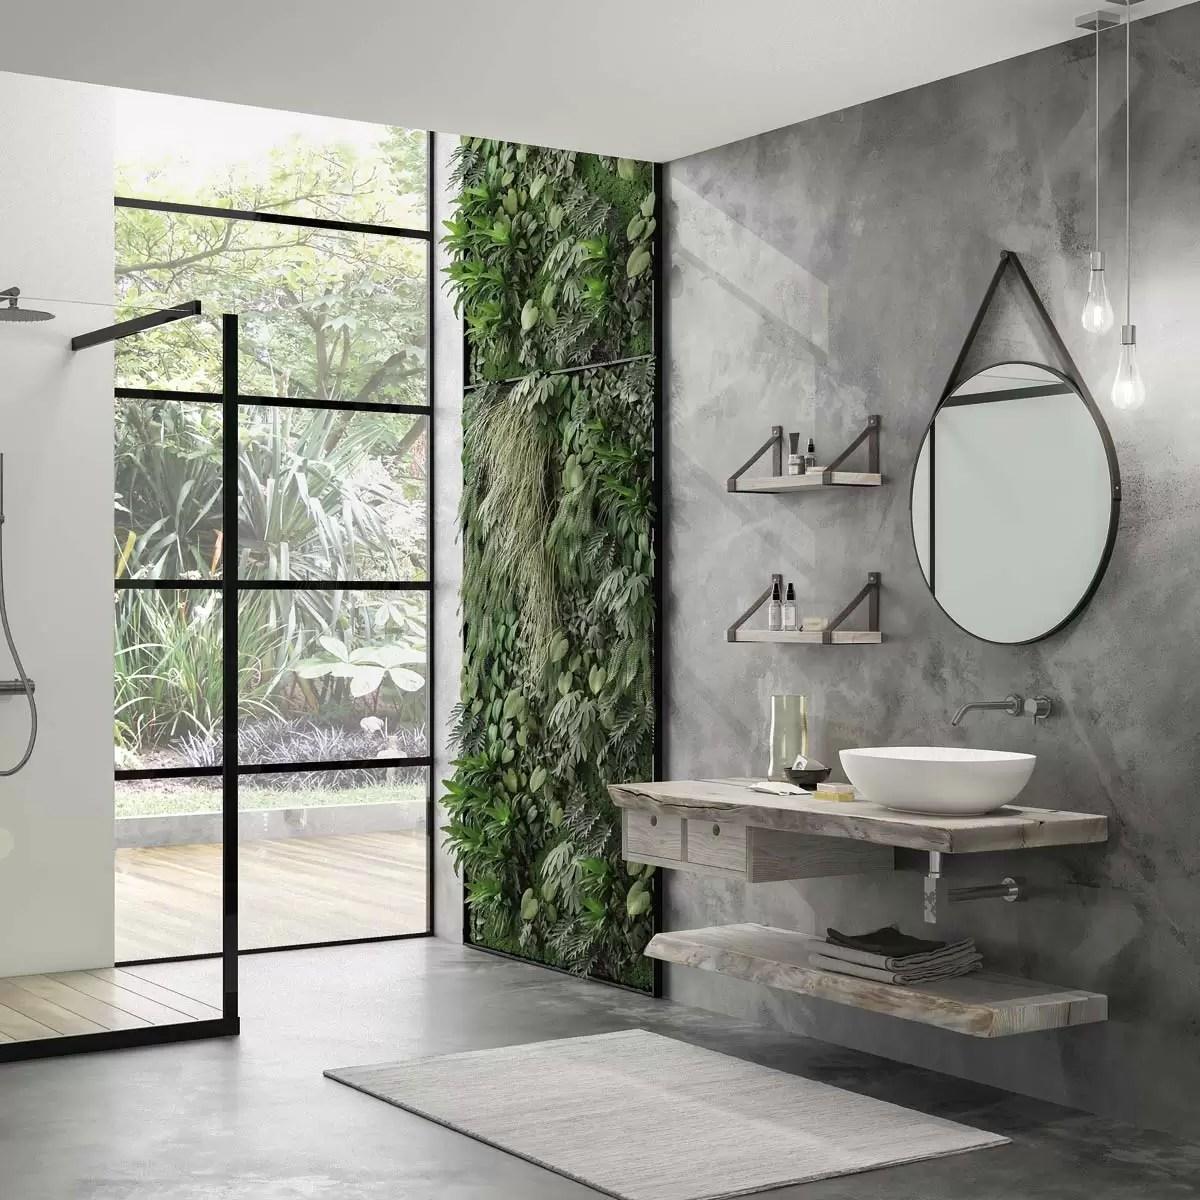 バスルームで自然を再発見